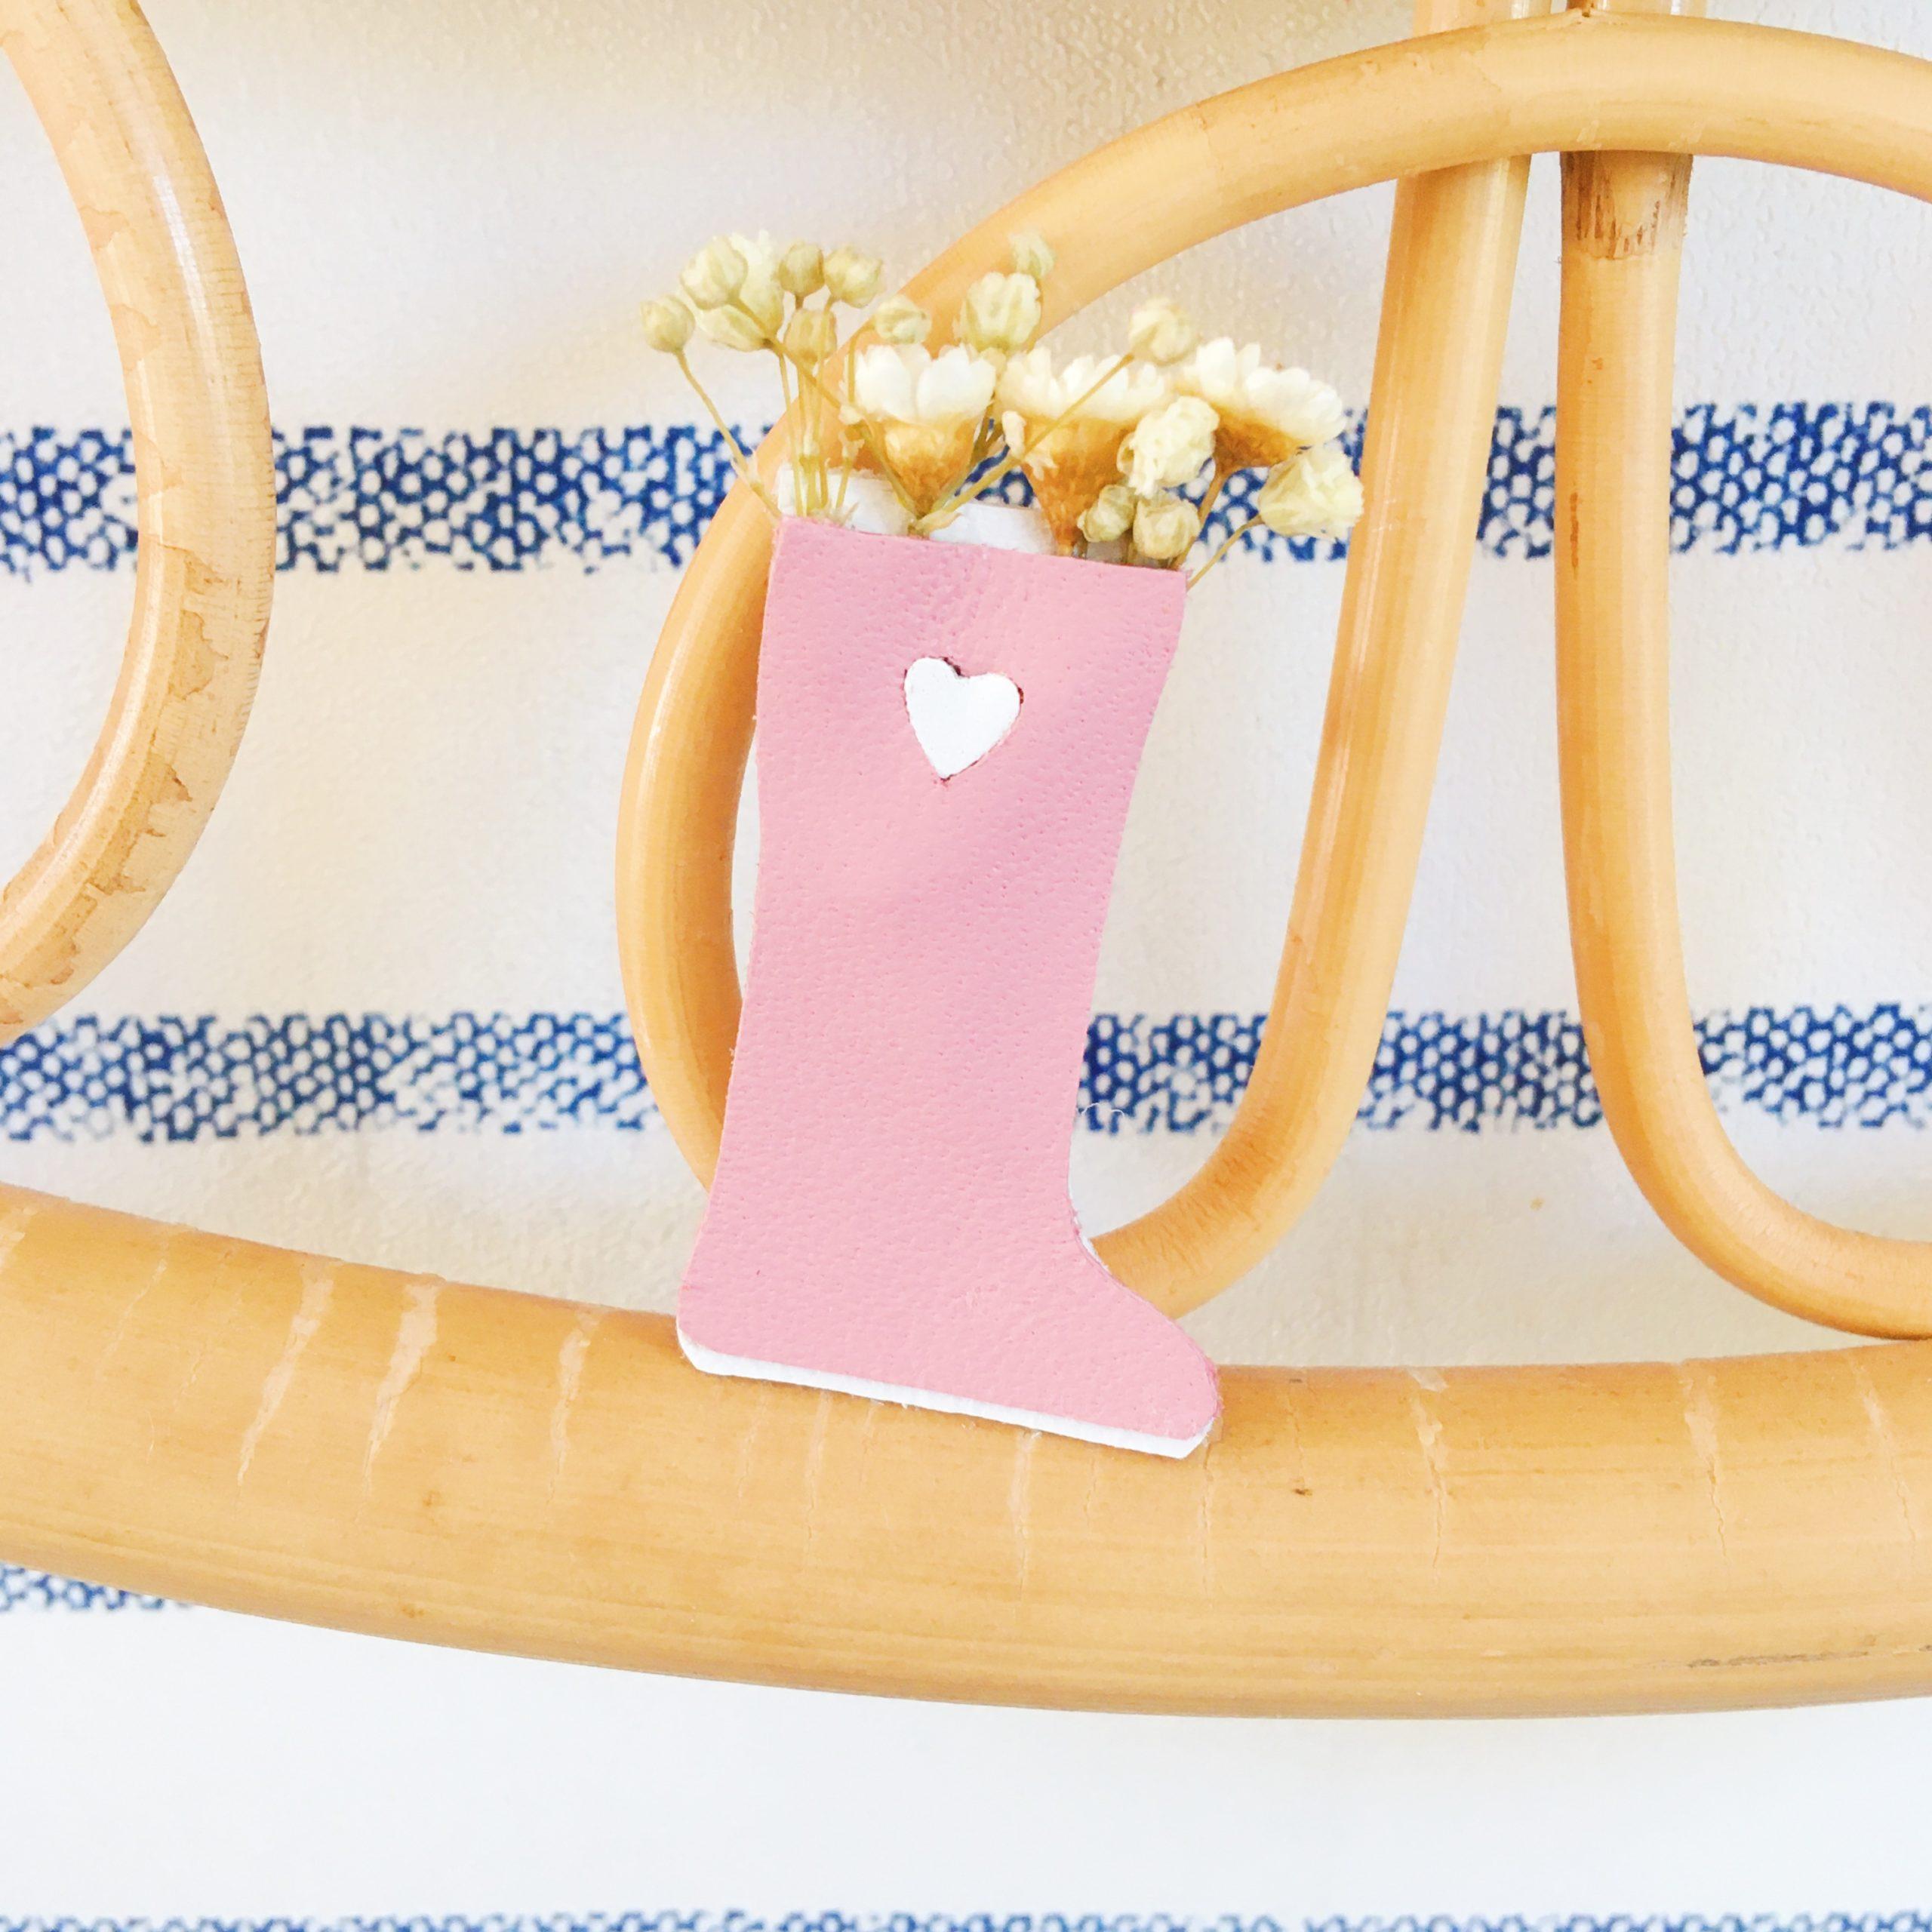 petite broche botte de pluie rose - du vent dans mes valises